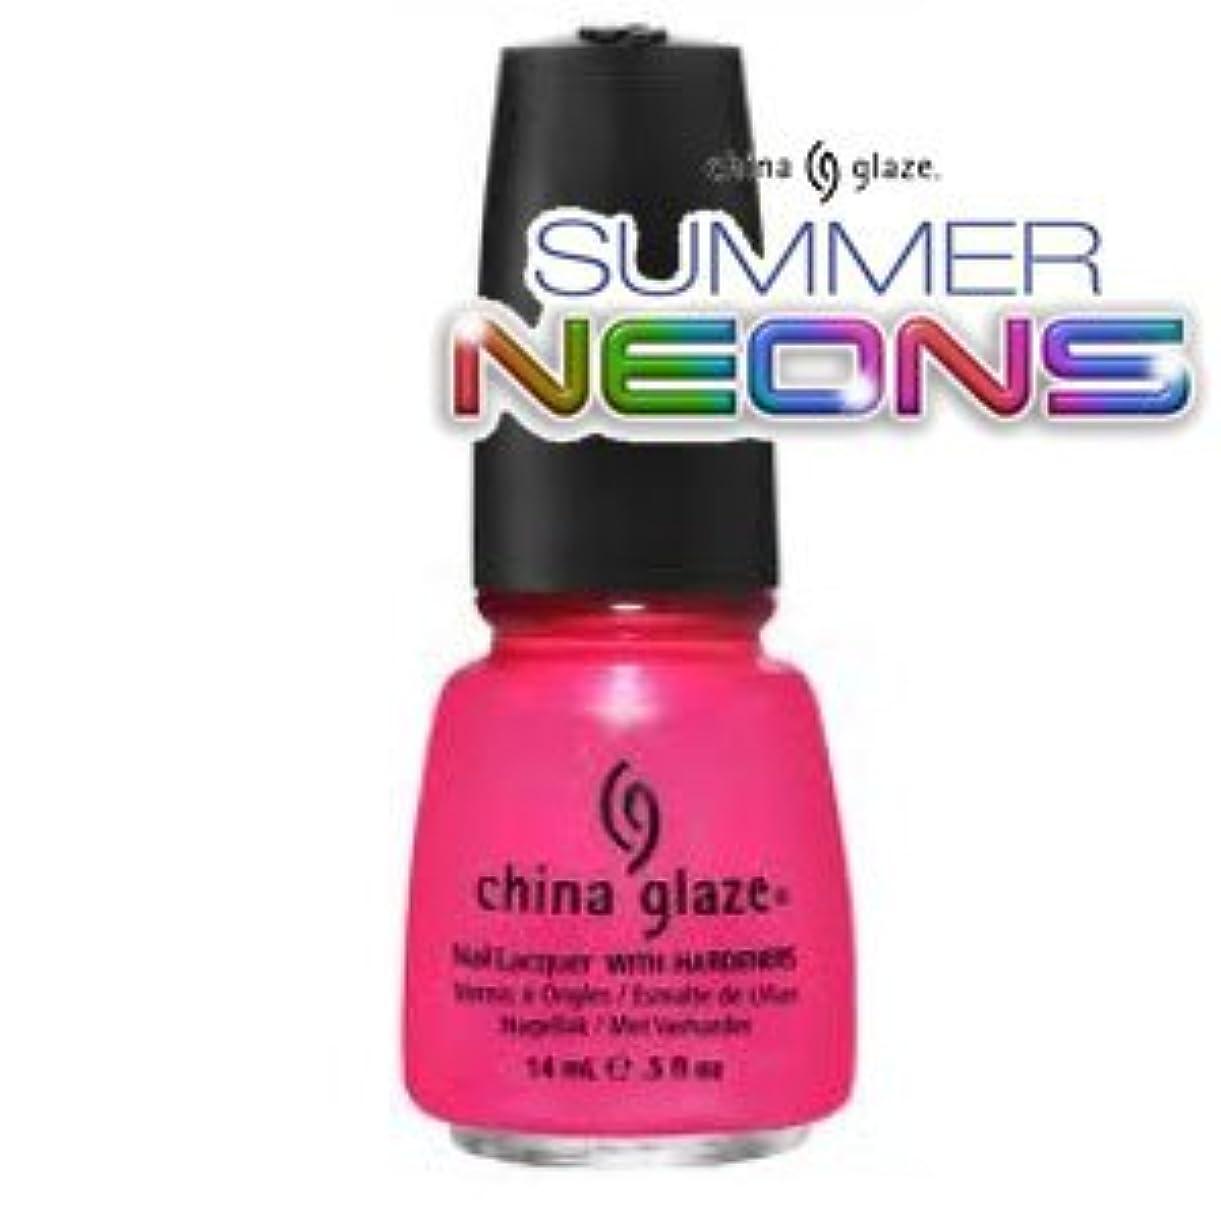 星海外くしゃくしゃ(チャイナグレイズ)China Glaze Love's A Beachーサマーネオン コレクション [海外直送品][並行輸入品]